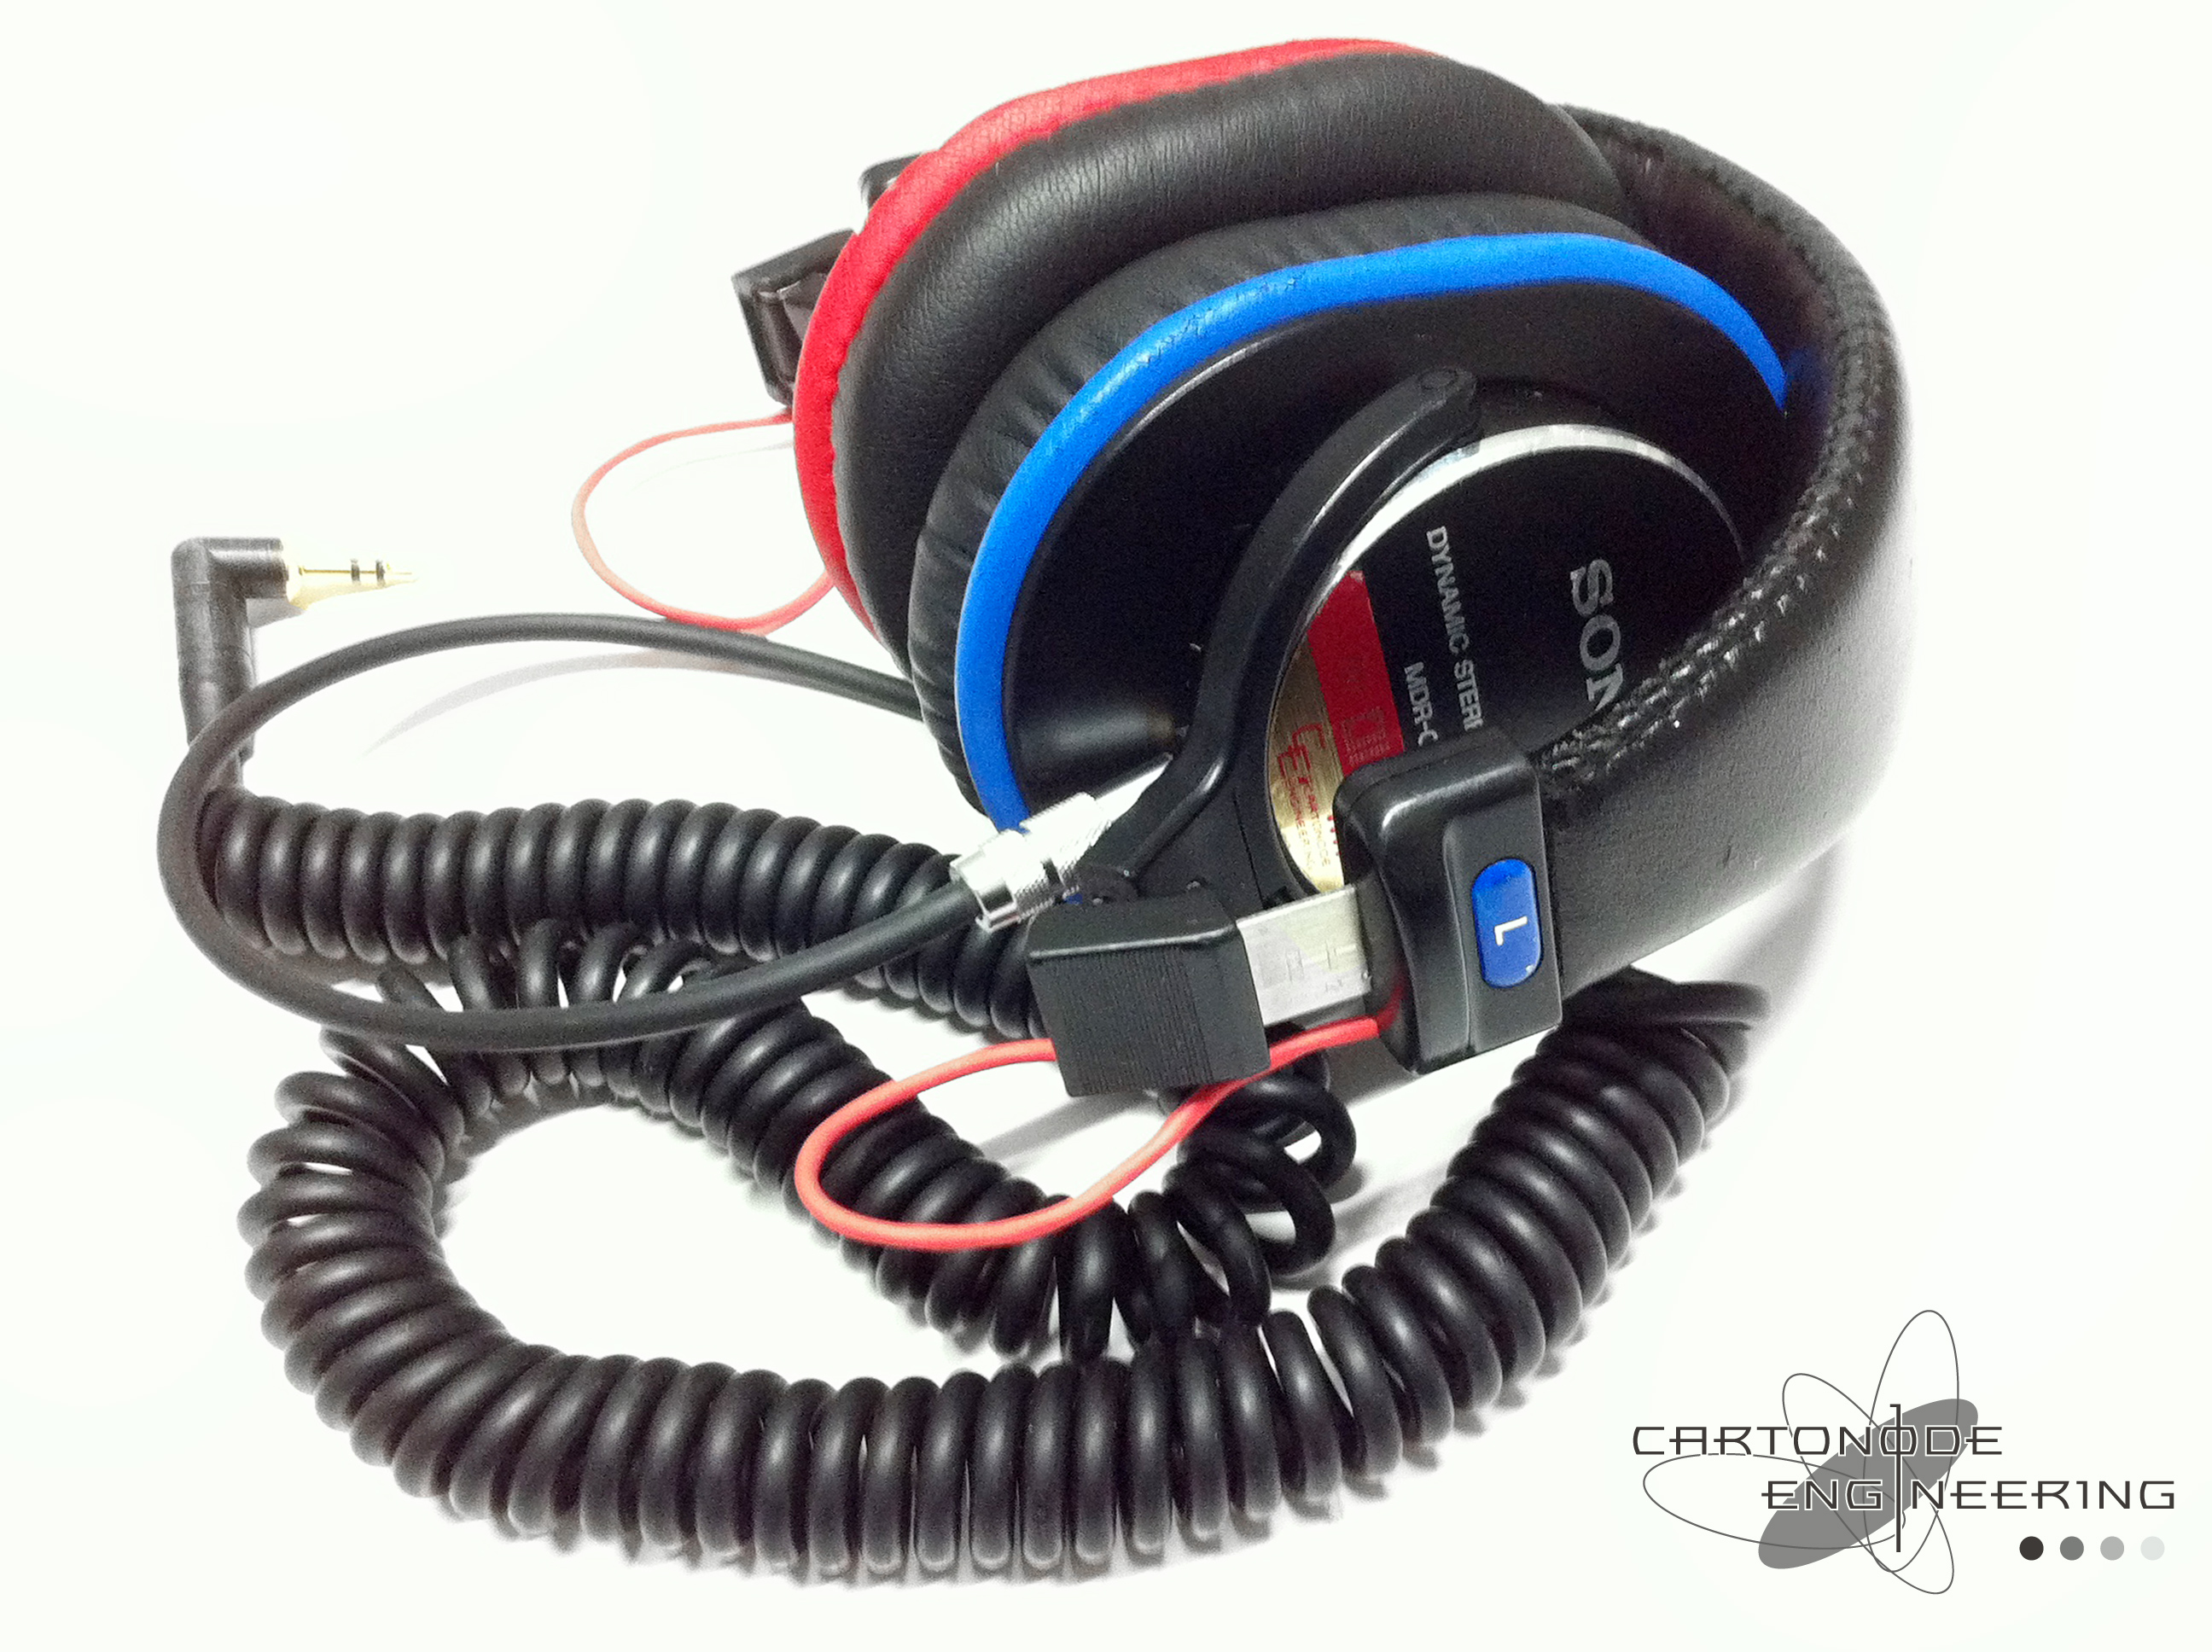 mdr-cd900st脱着渡り線保護